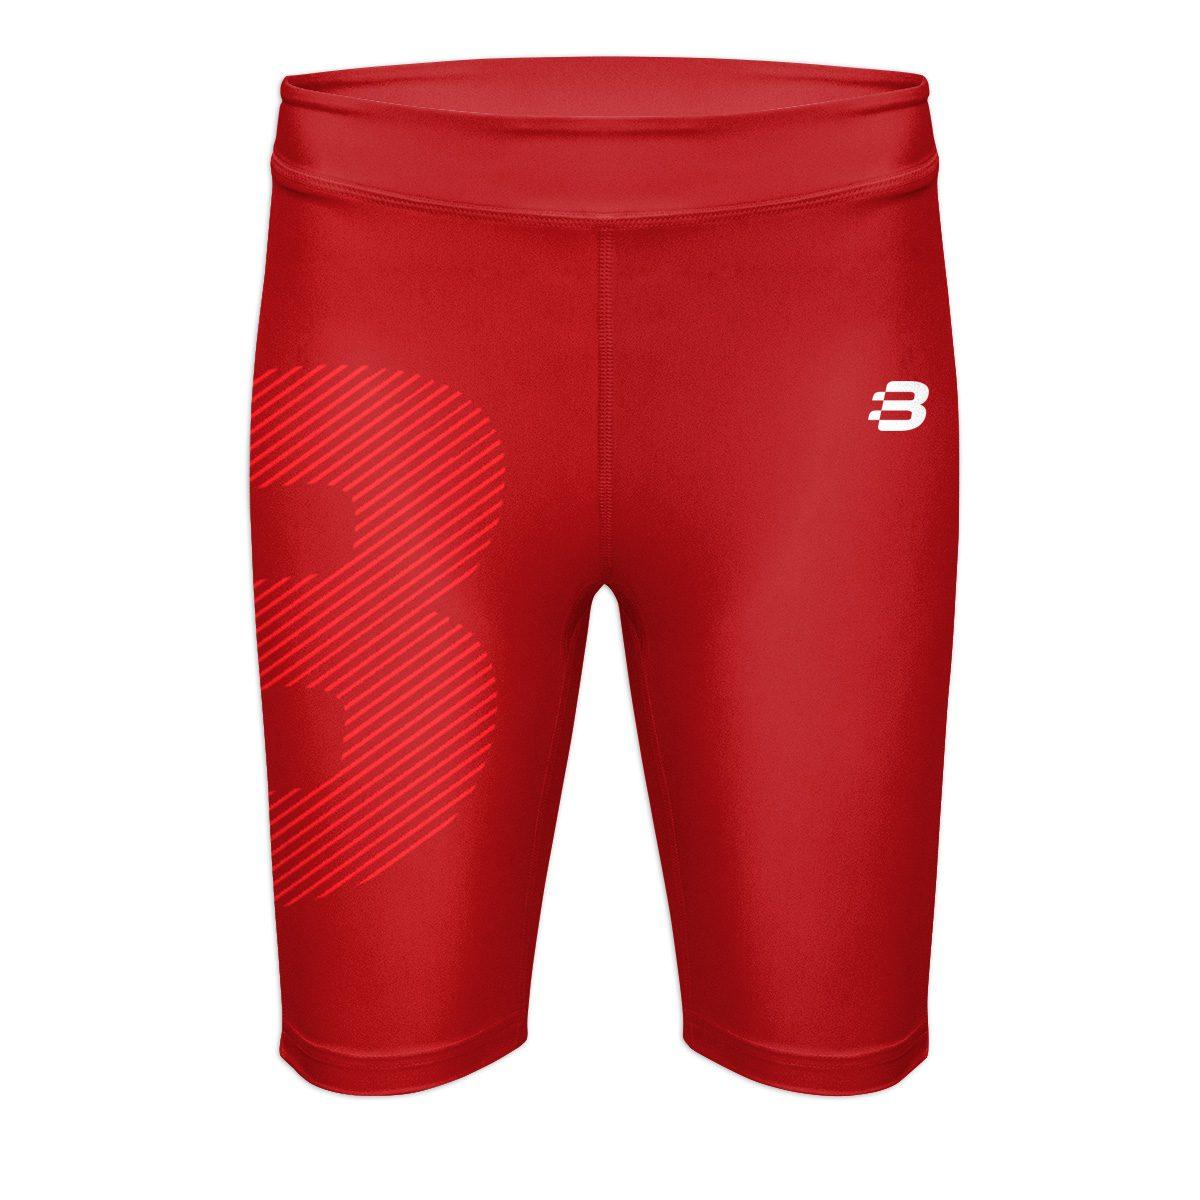 Ladies Compression Shorts - Dark Red